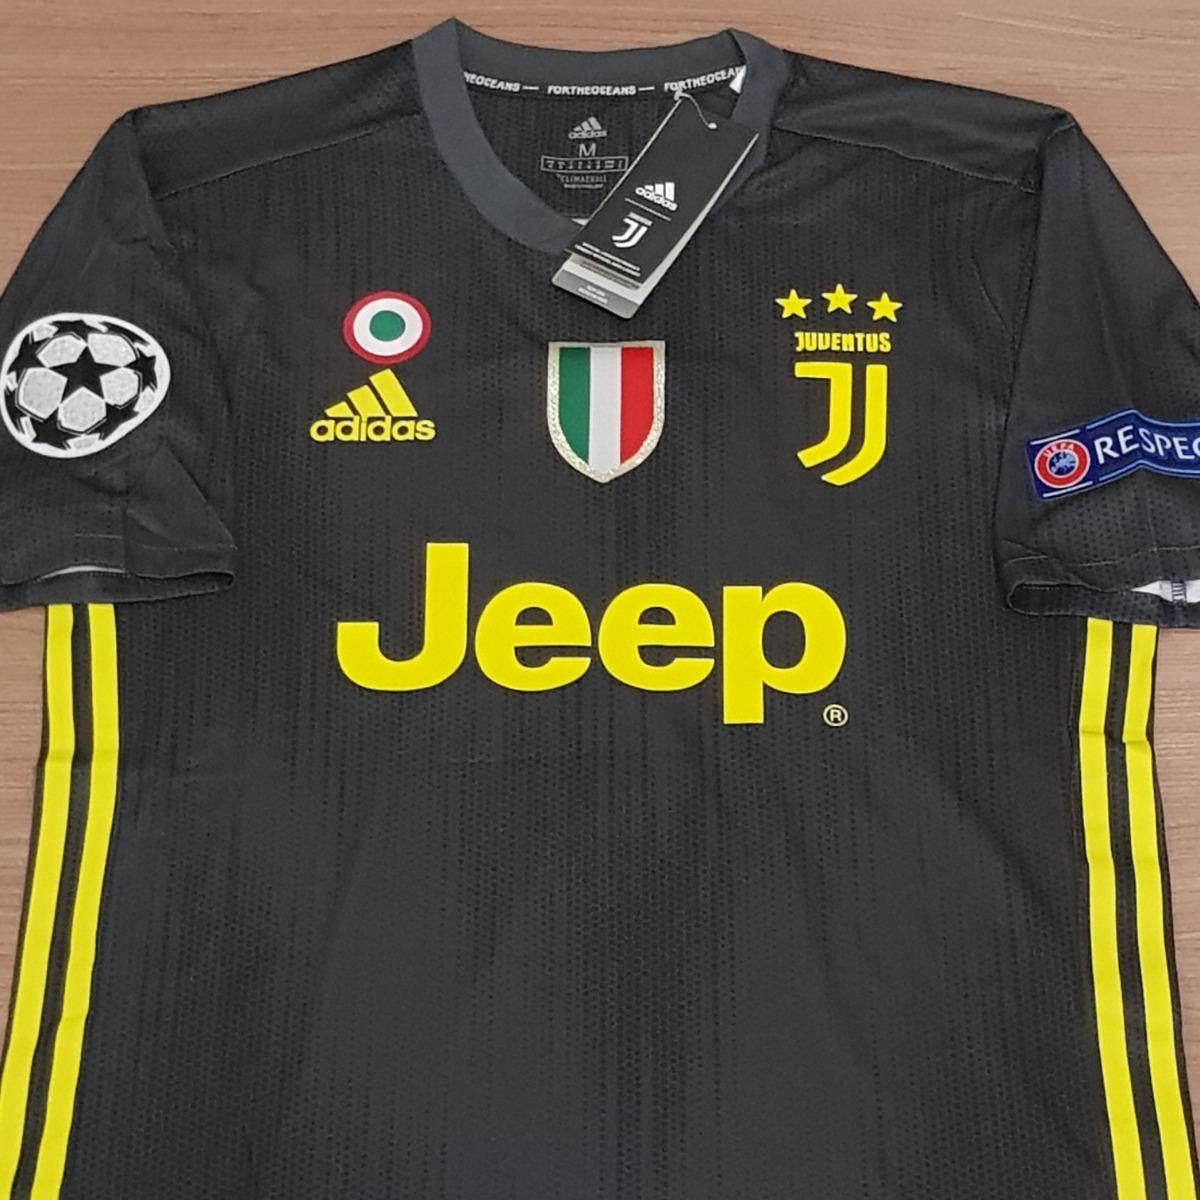 separation shoes e4ff7 ec9df Camisa Juventus Away Ronaldo 7 Climachill Pronta Entrega